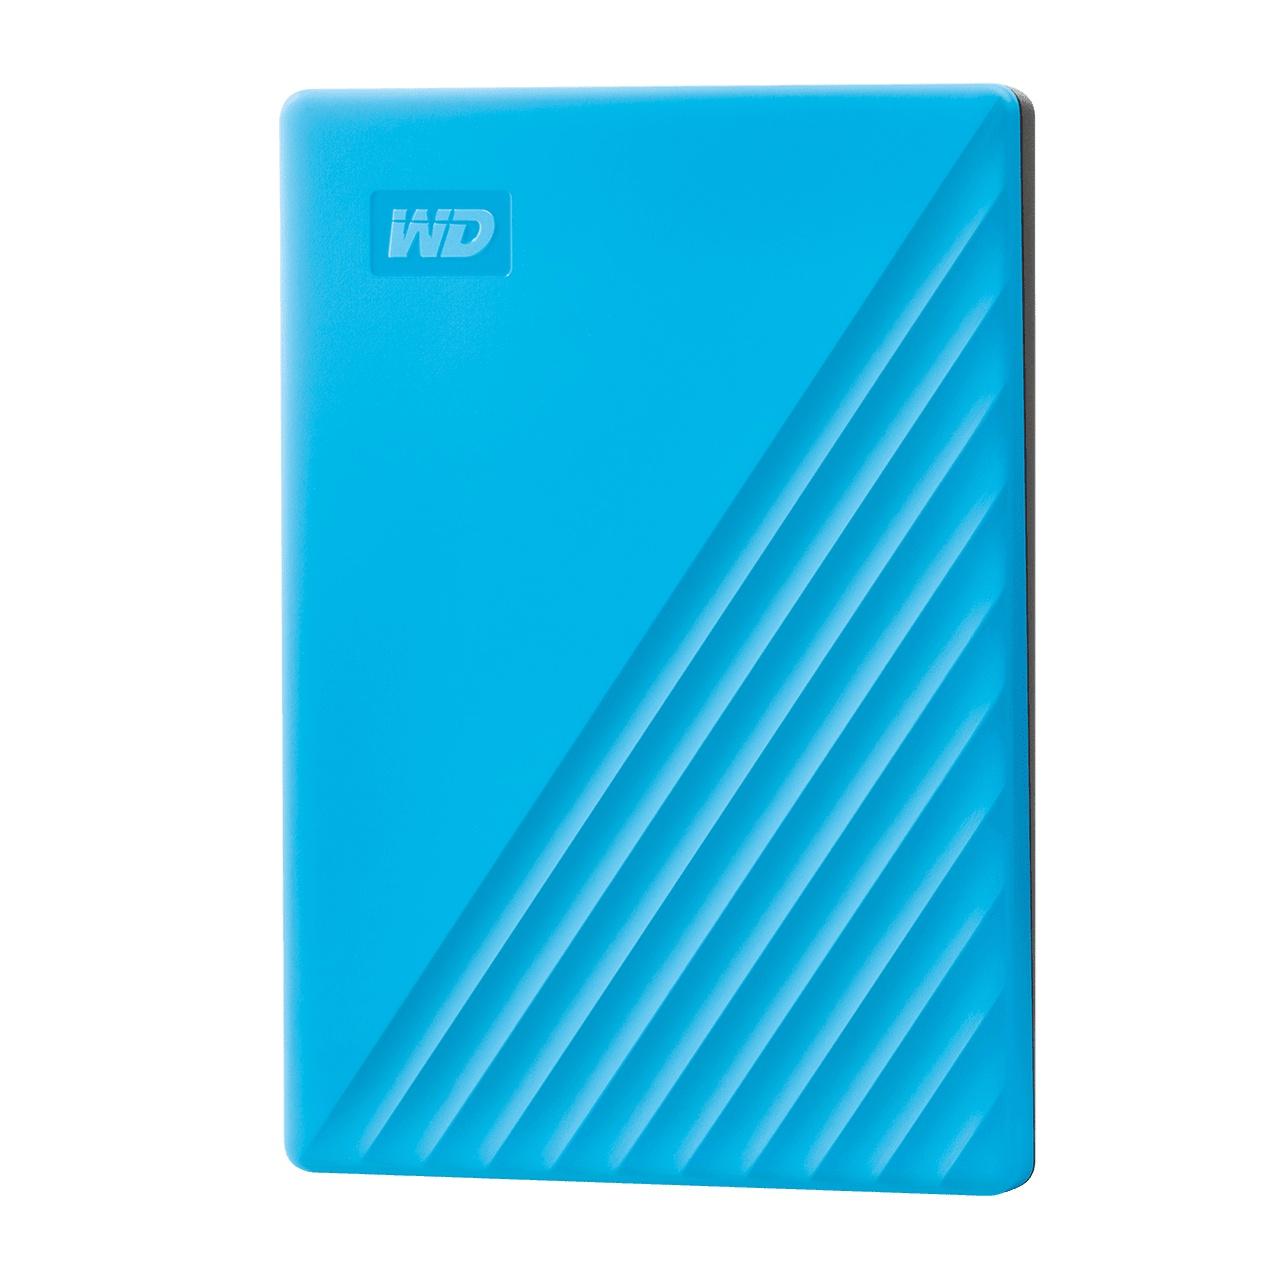 WD 마이 패스포트 모바일 드라이브 USB 3.0 외장하드 2.5인치, Blue, 2TB